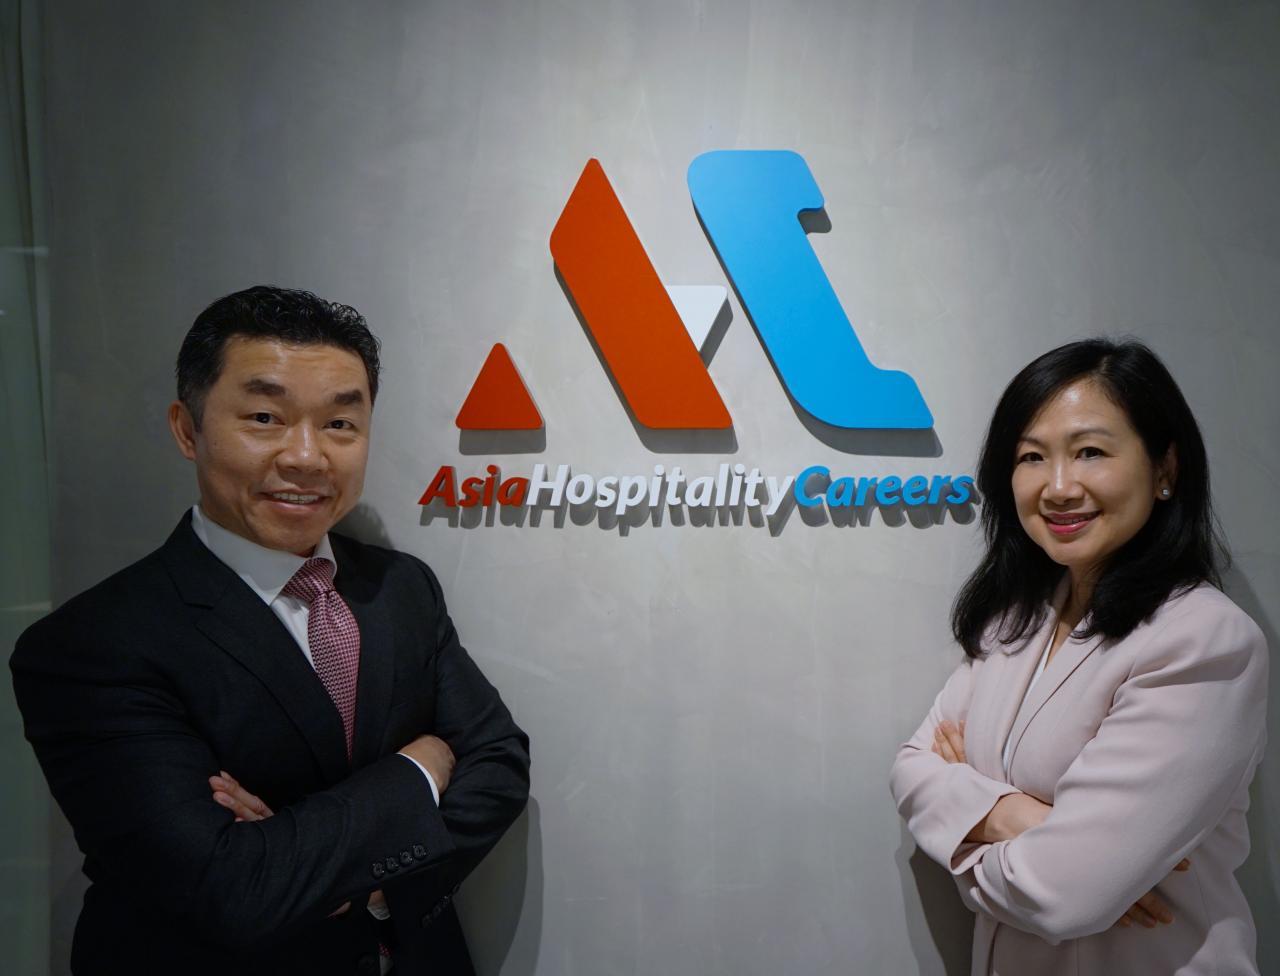 AsiaHospitalityCareers.com兩位創辦人Danny Li及May Chan